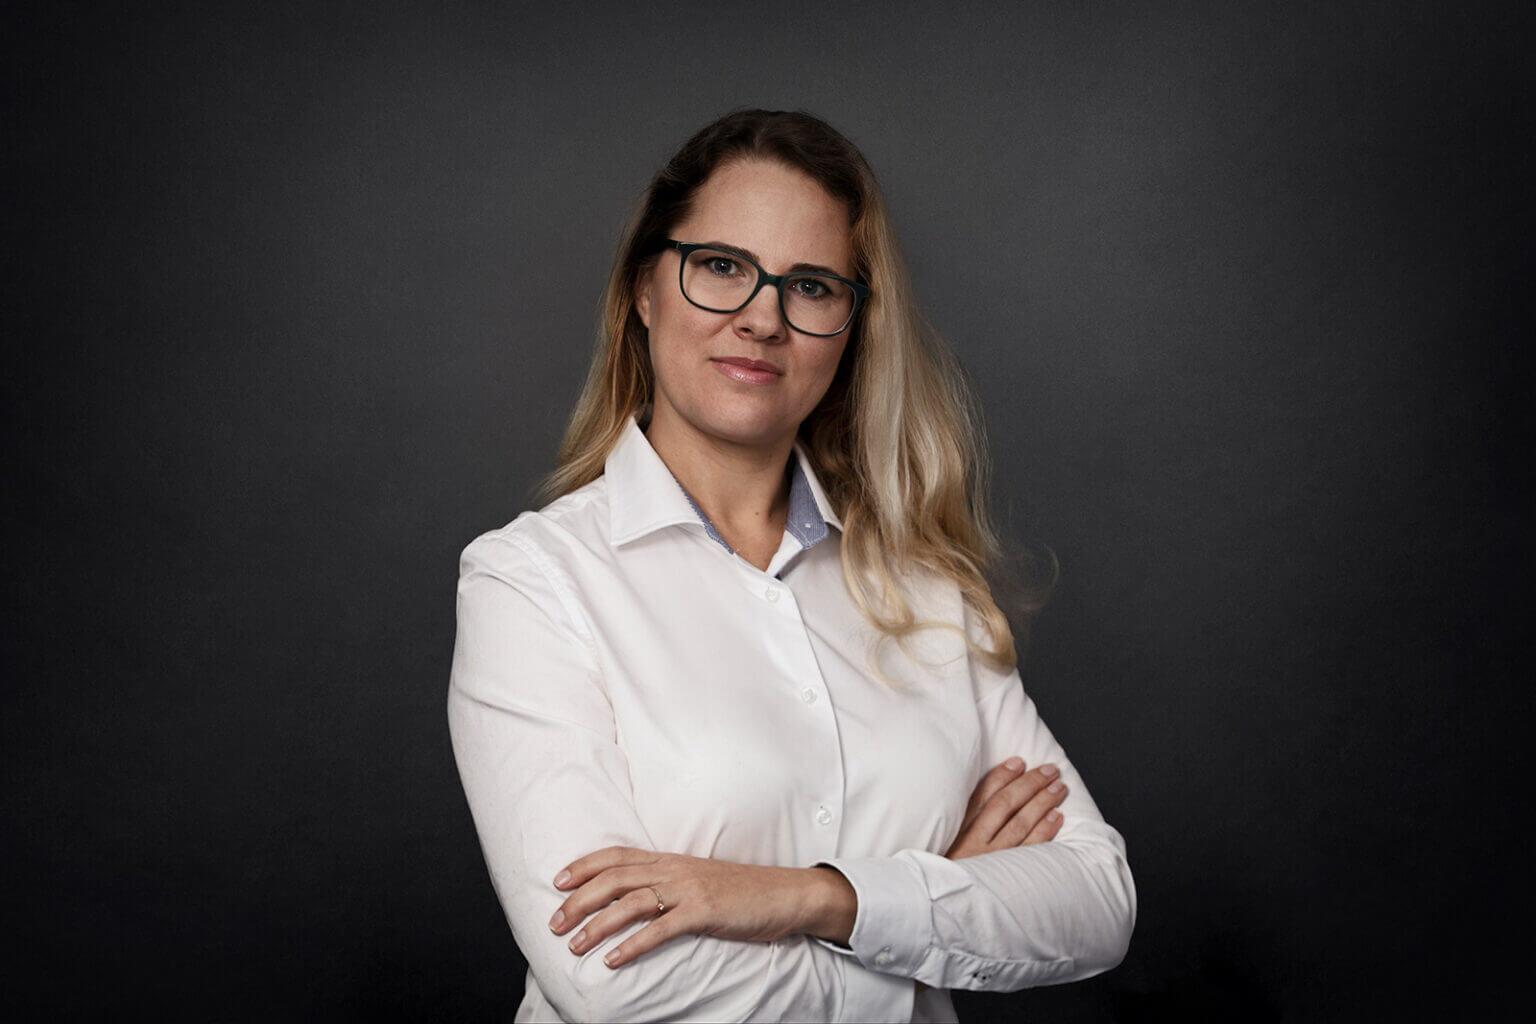 Maria Kreker